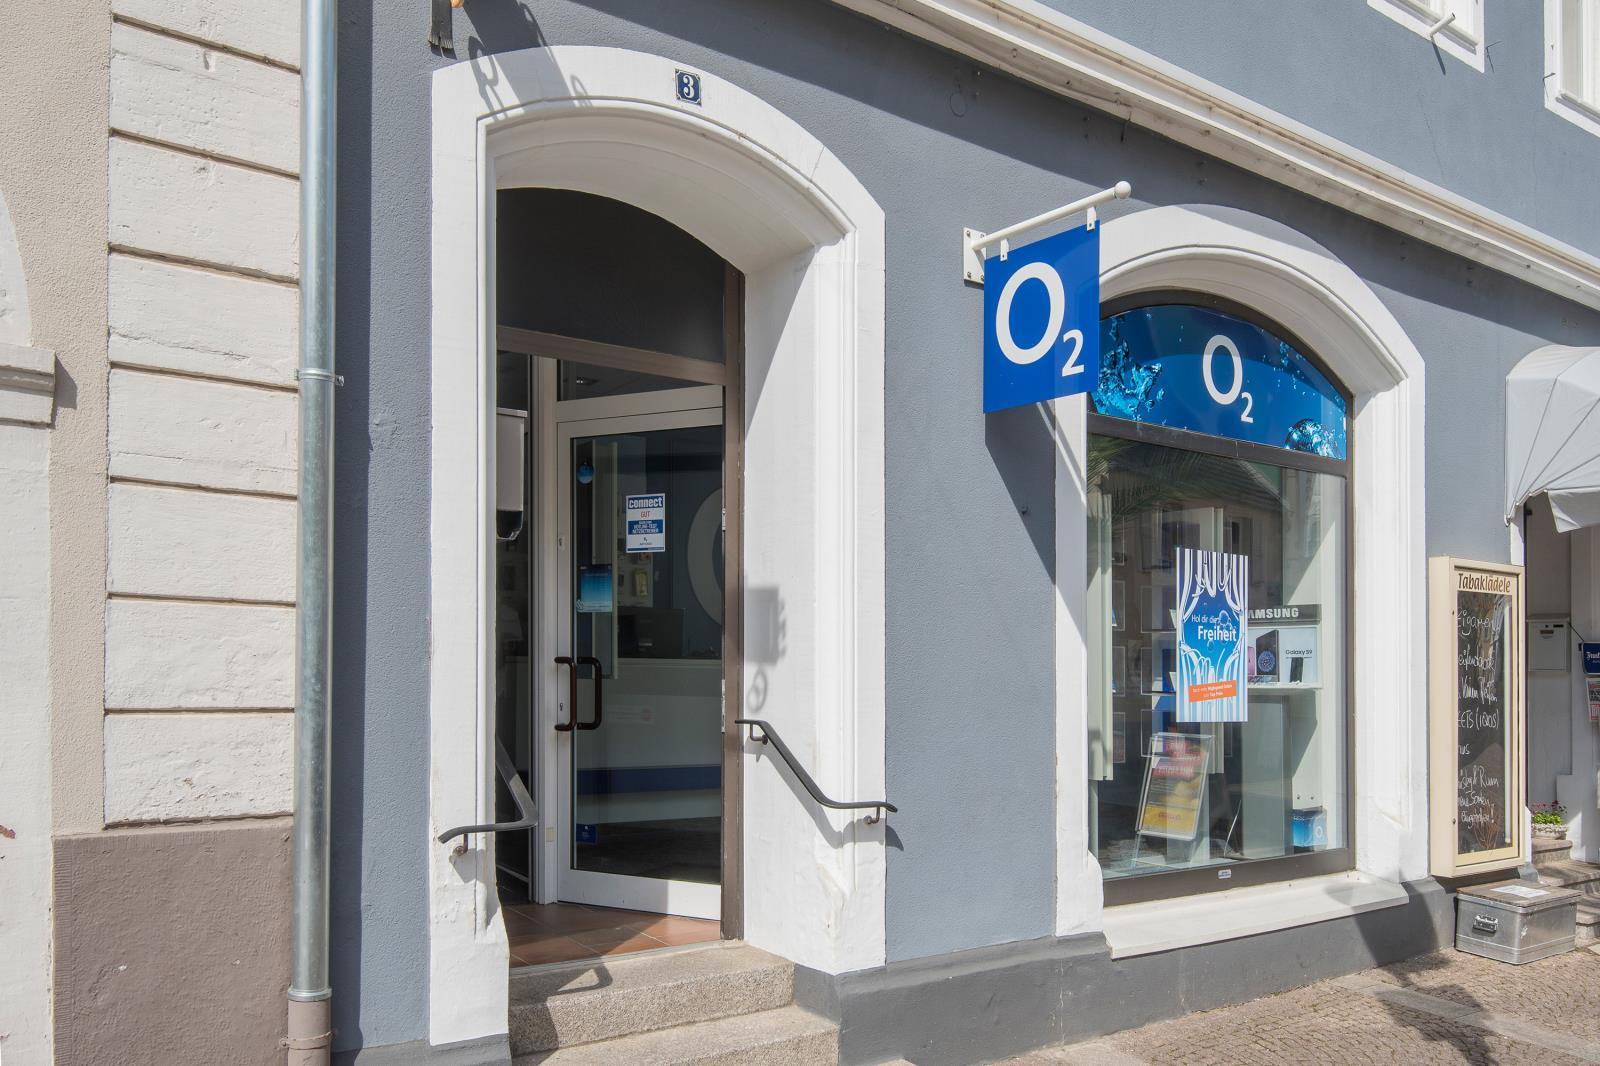 o2 Shop, Markgrafenstr. 3 in Emmendingen